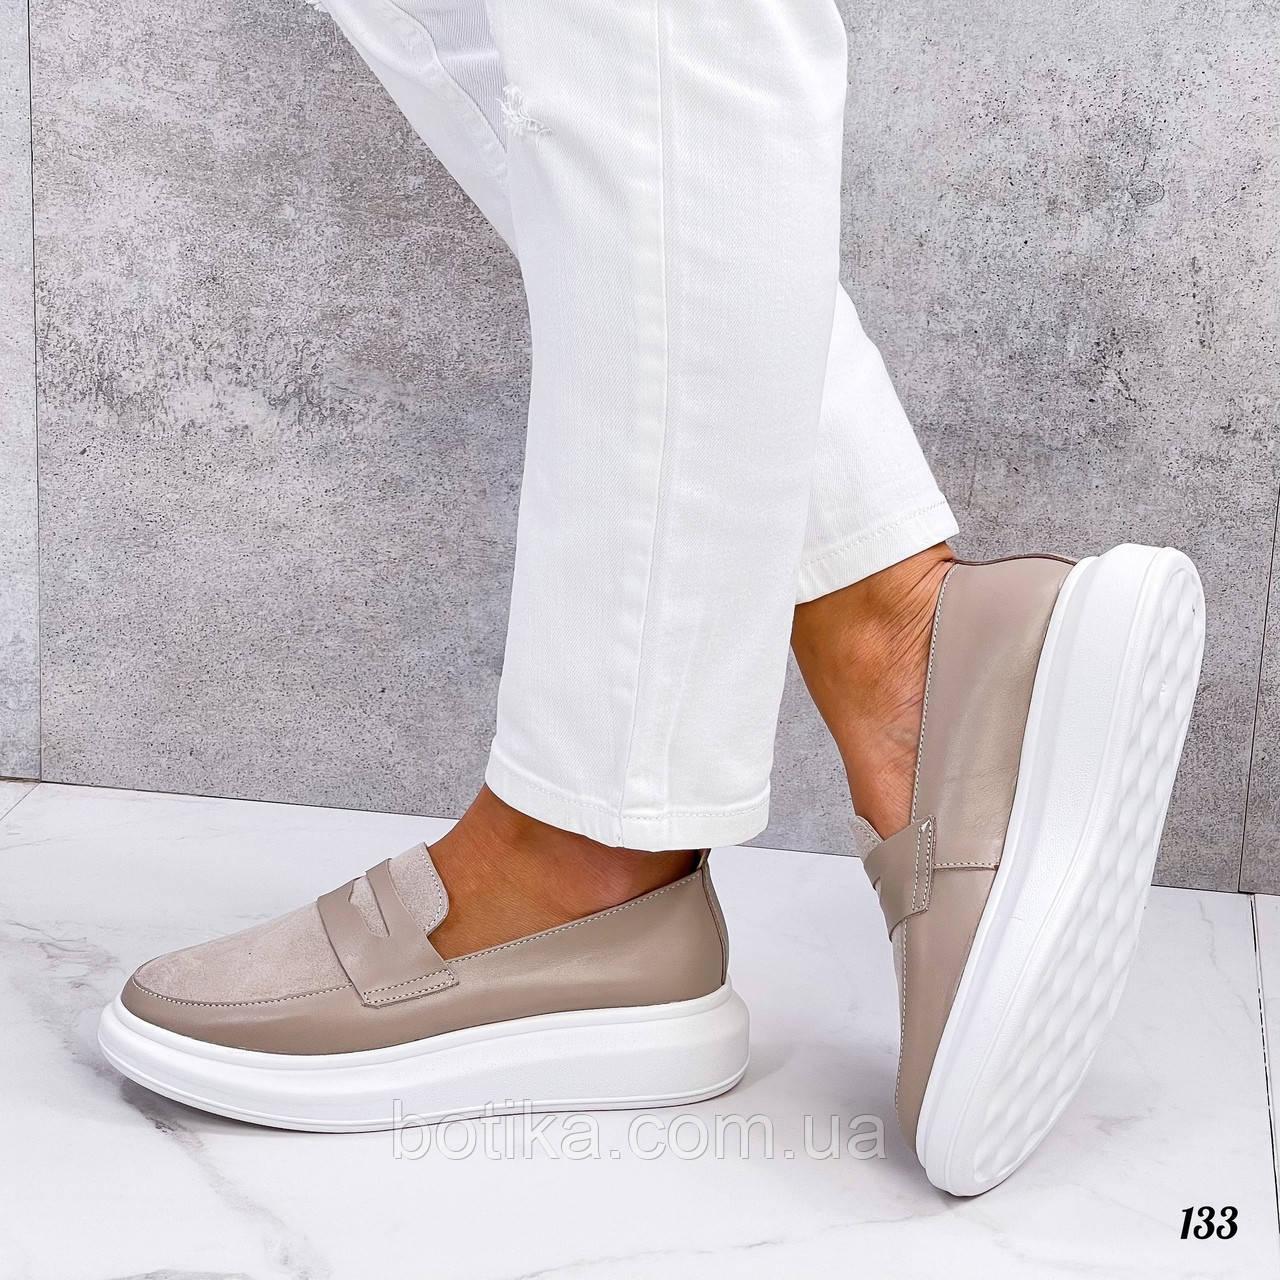 Стильные женские туфли лоферы